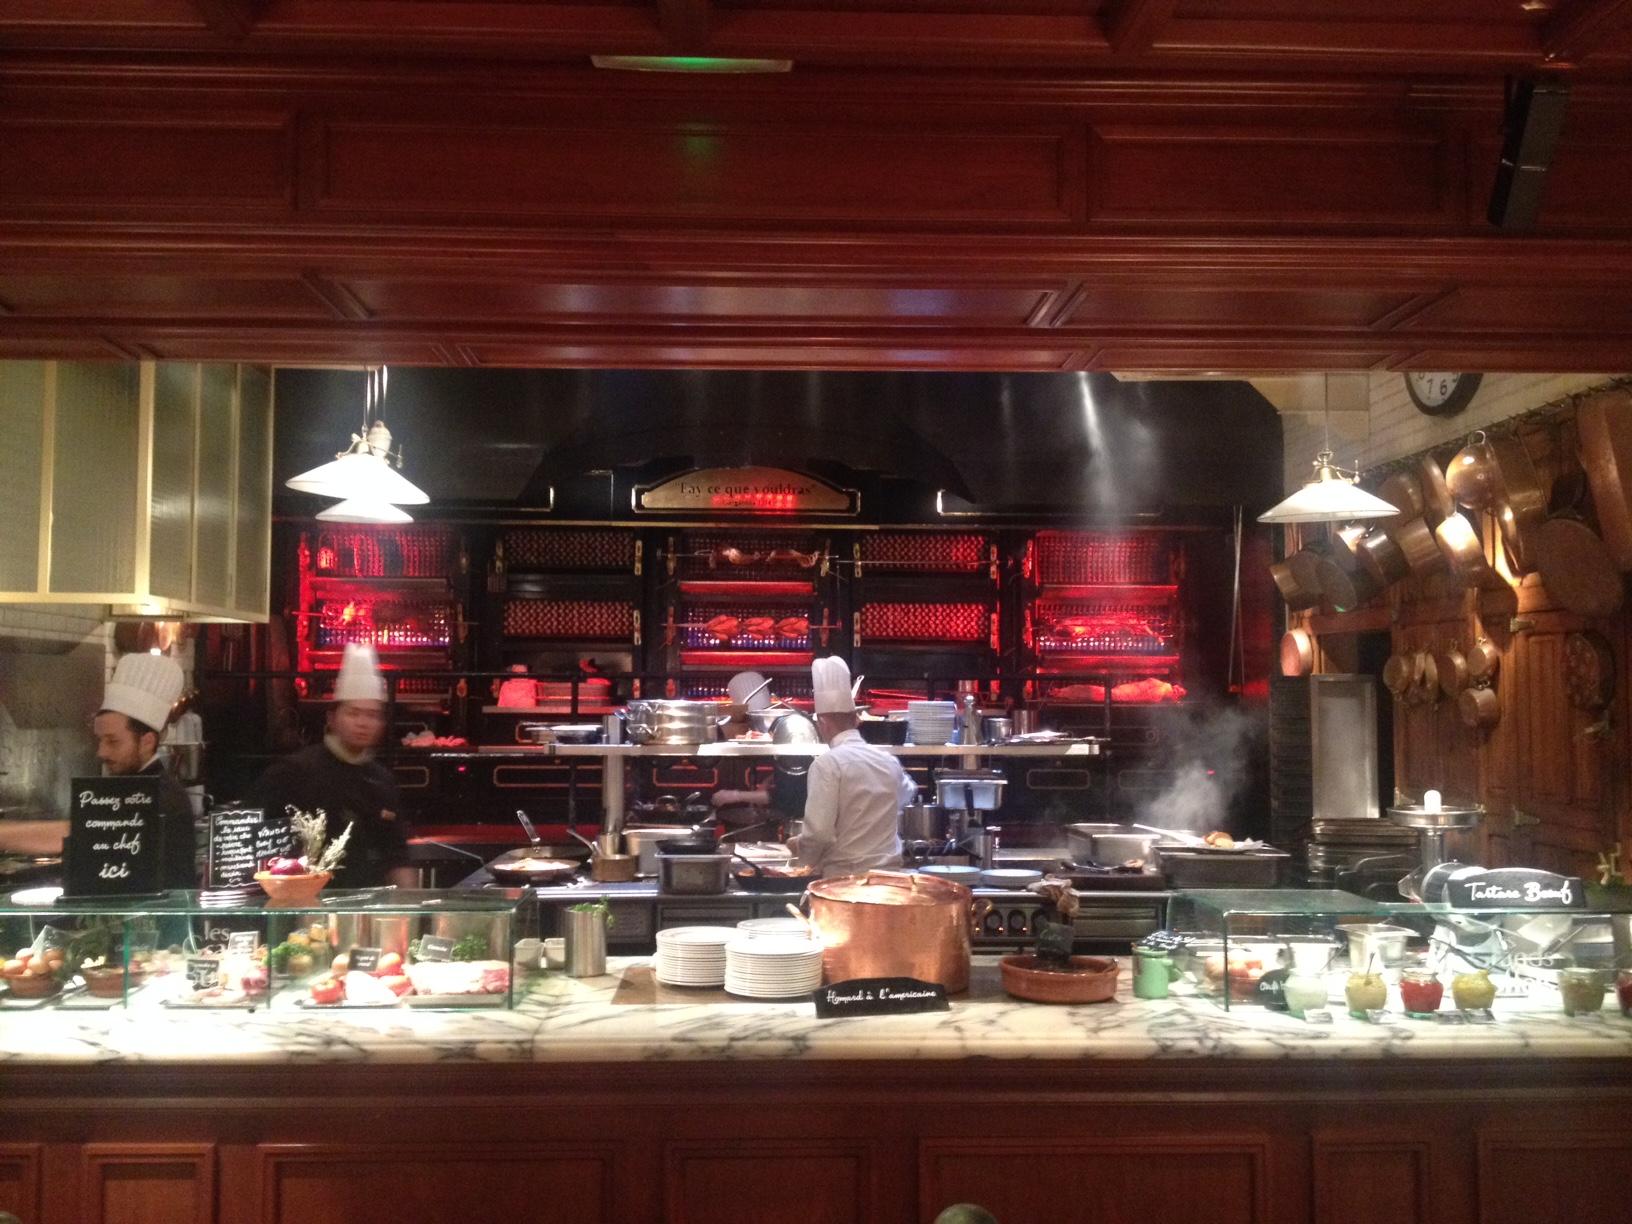 Les Grands Buffets el festival de la gastronoma francesa